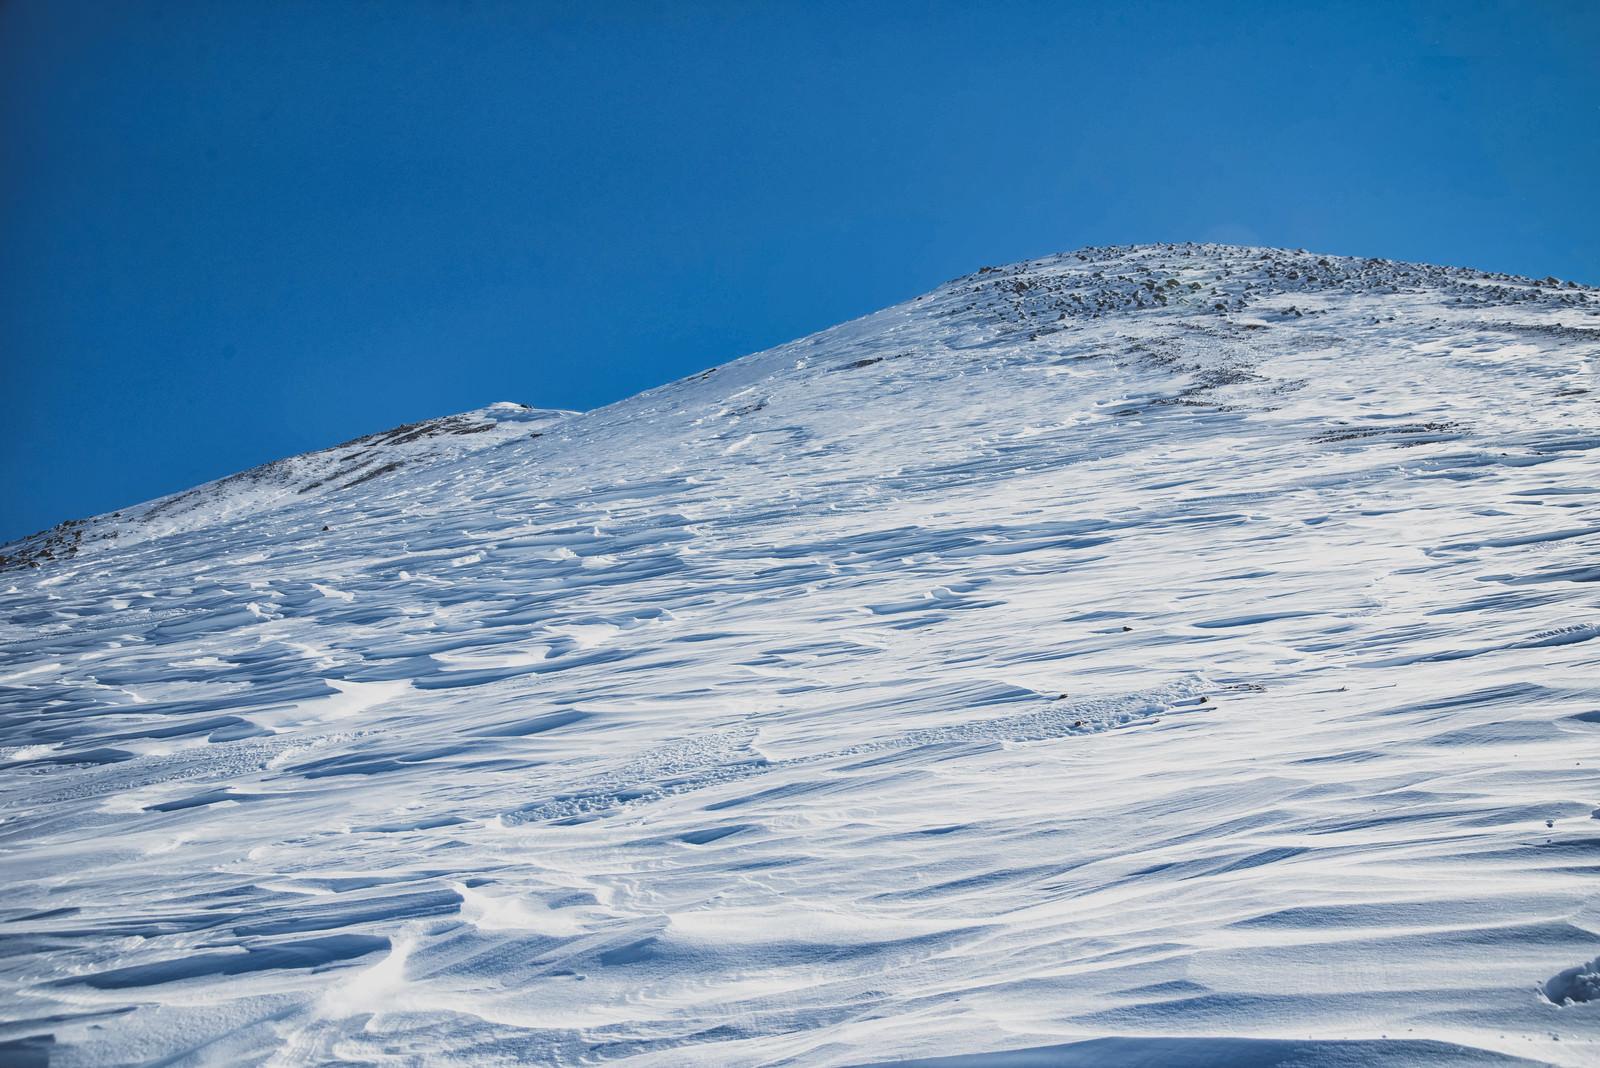 「風紋に埋め尽くされる朝日岳(北アルプス)」の写真